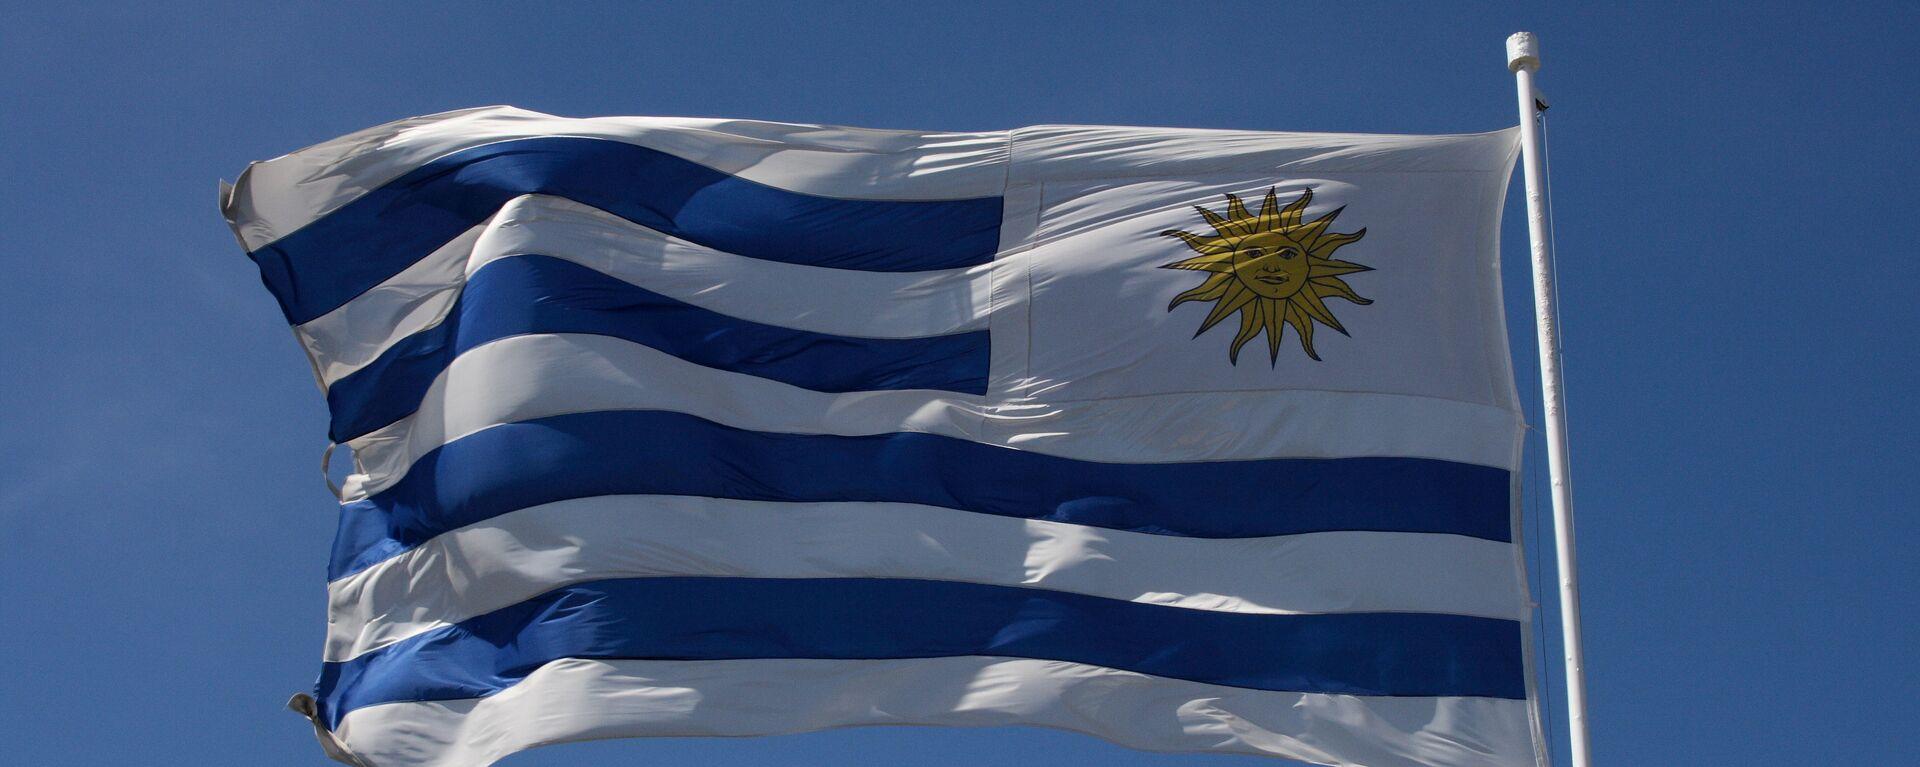 La bandera de Uruguay - Sputnik Mundo, 1920, 26.01.2021